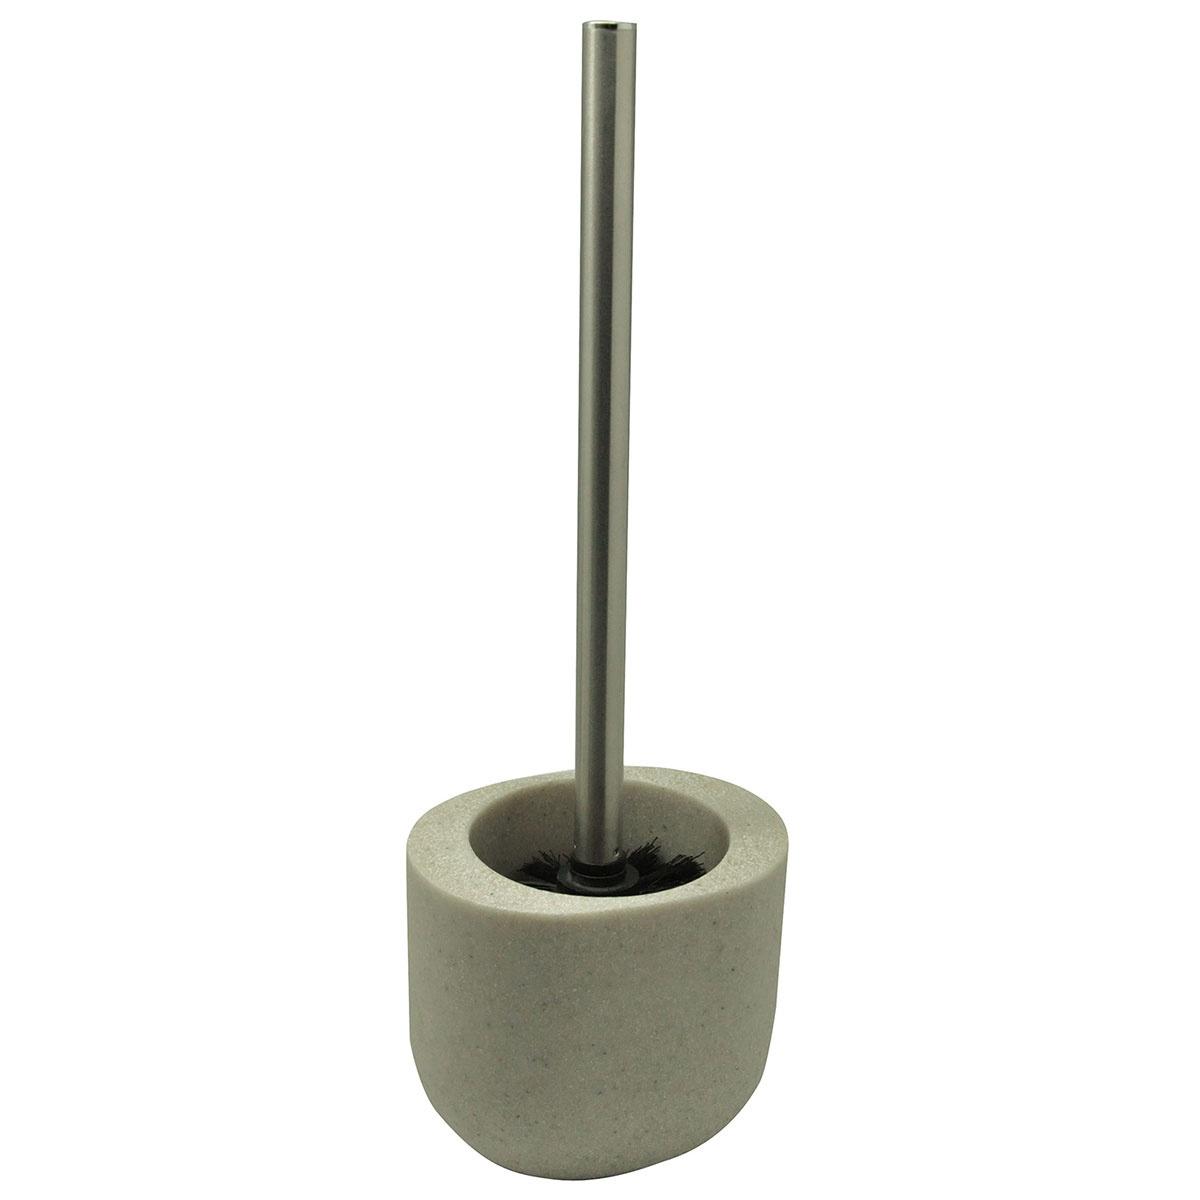 Pot et balai de toilette en résine sable (Sable)